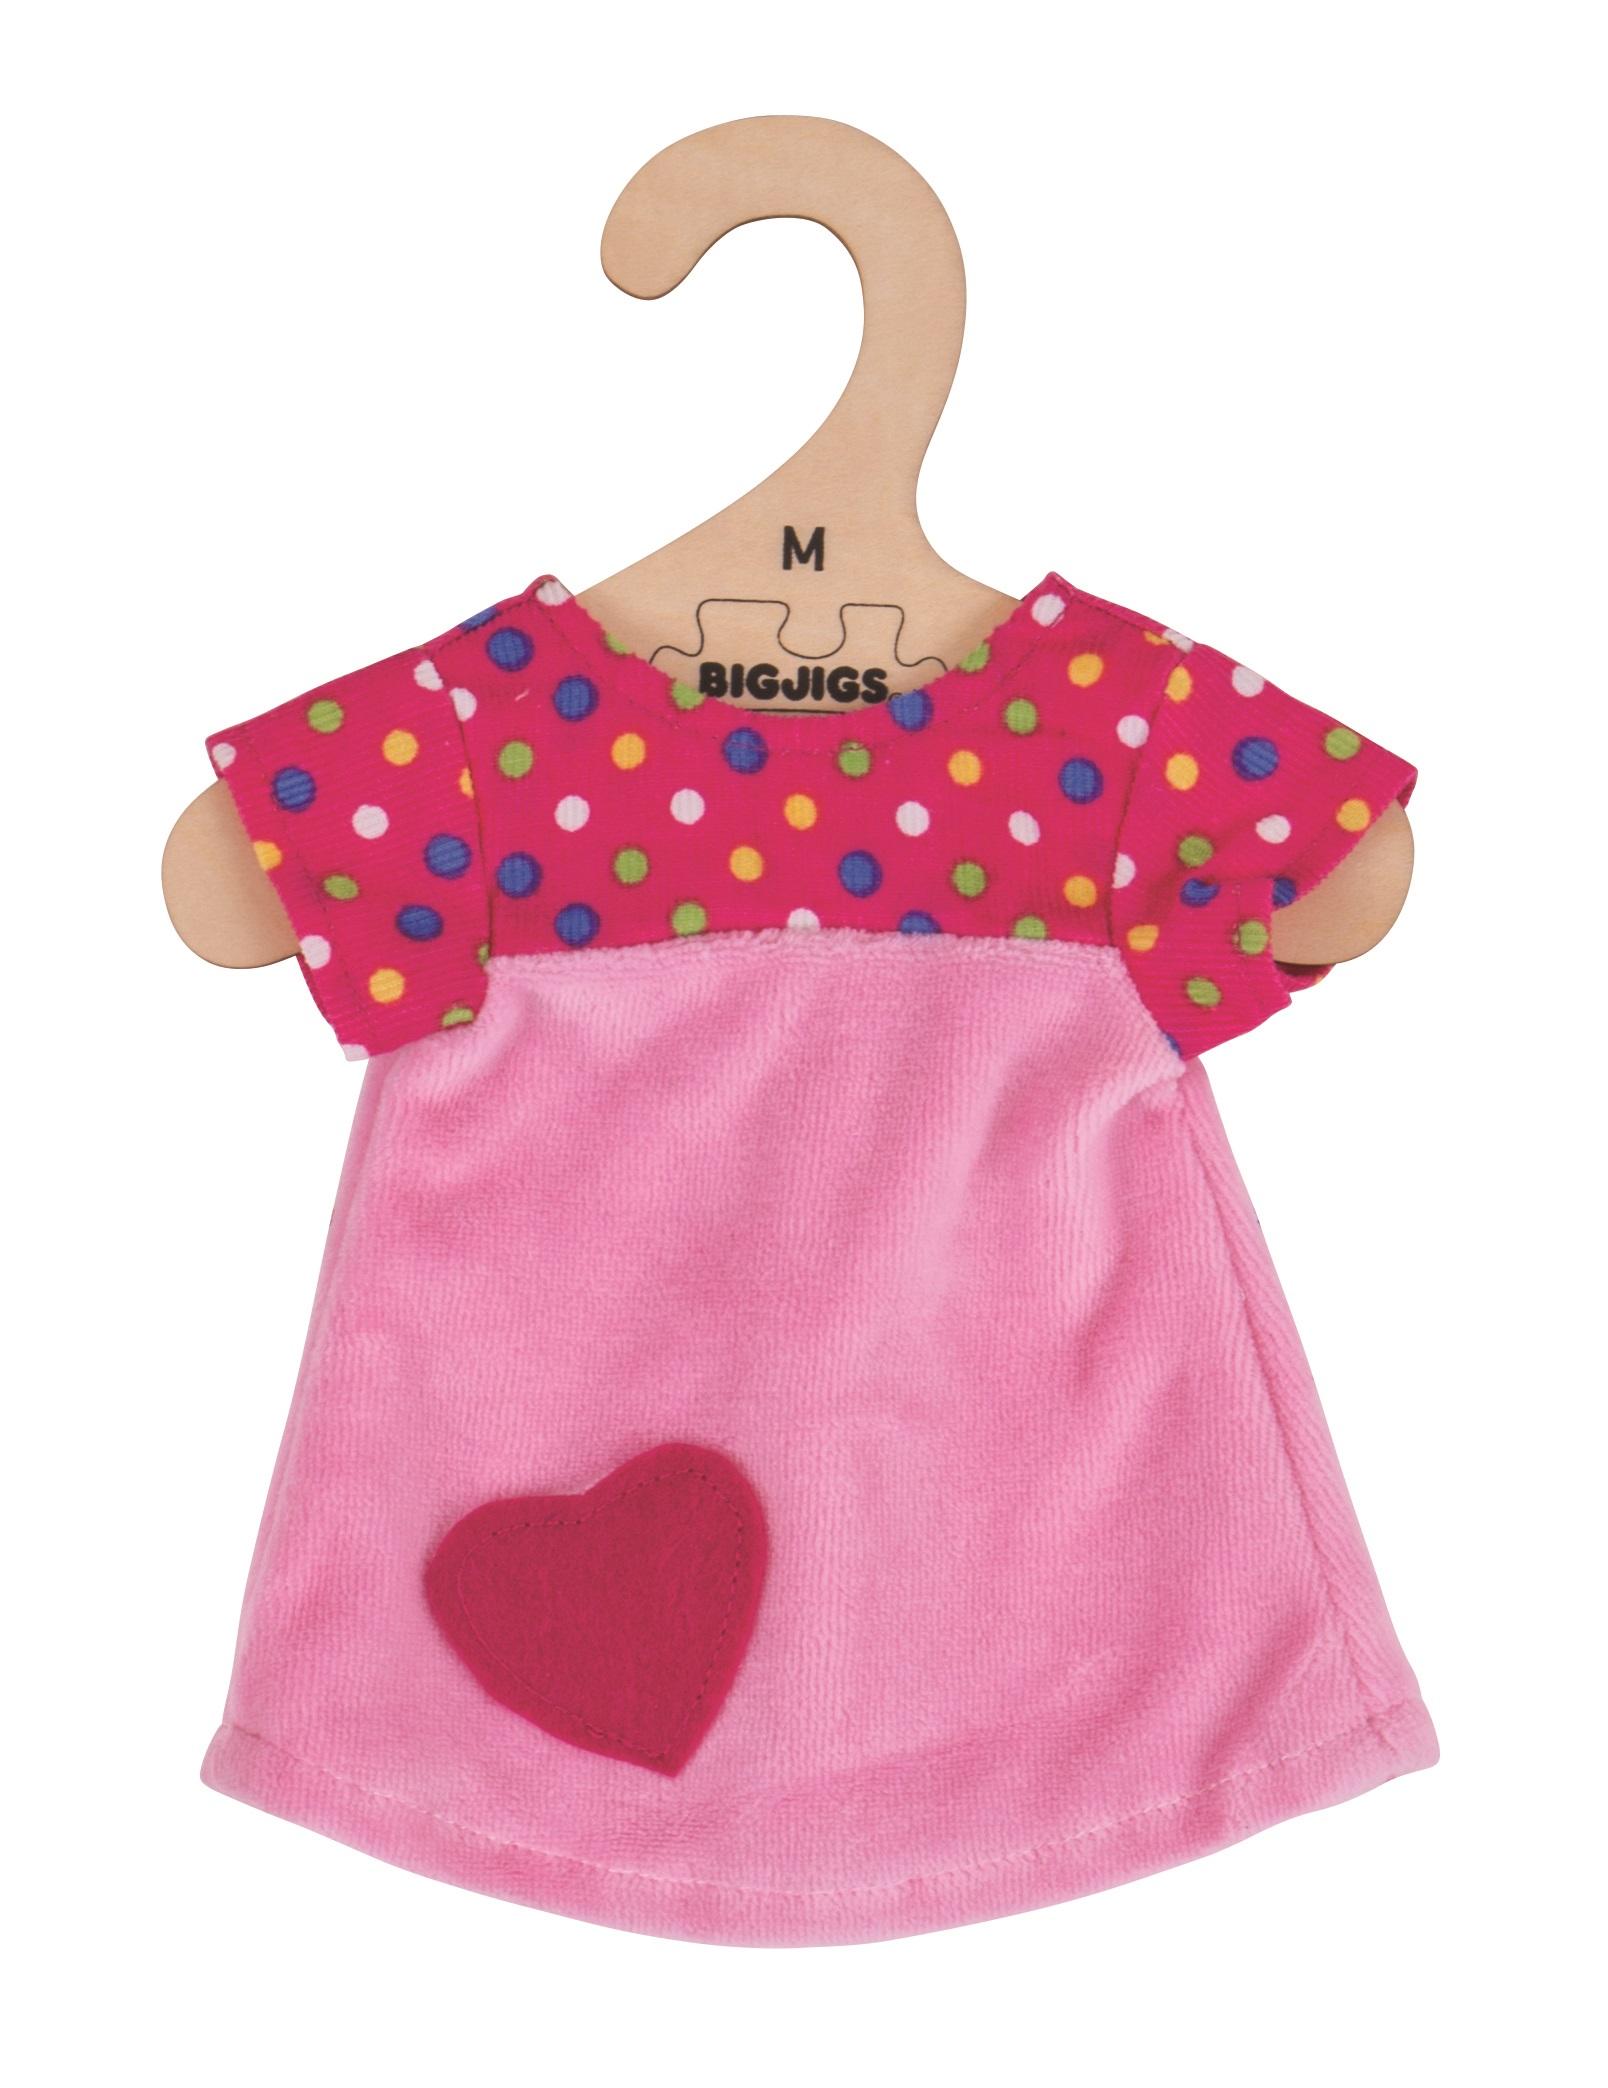 Bigjigs Toys růžové tričko se srdíčkem 34 cm